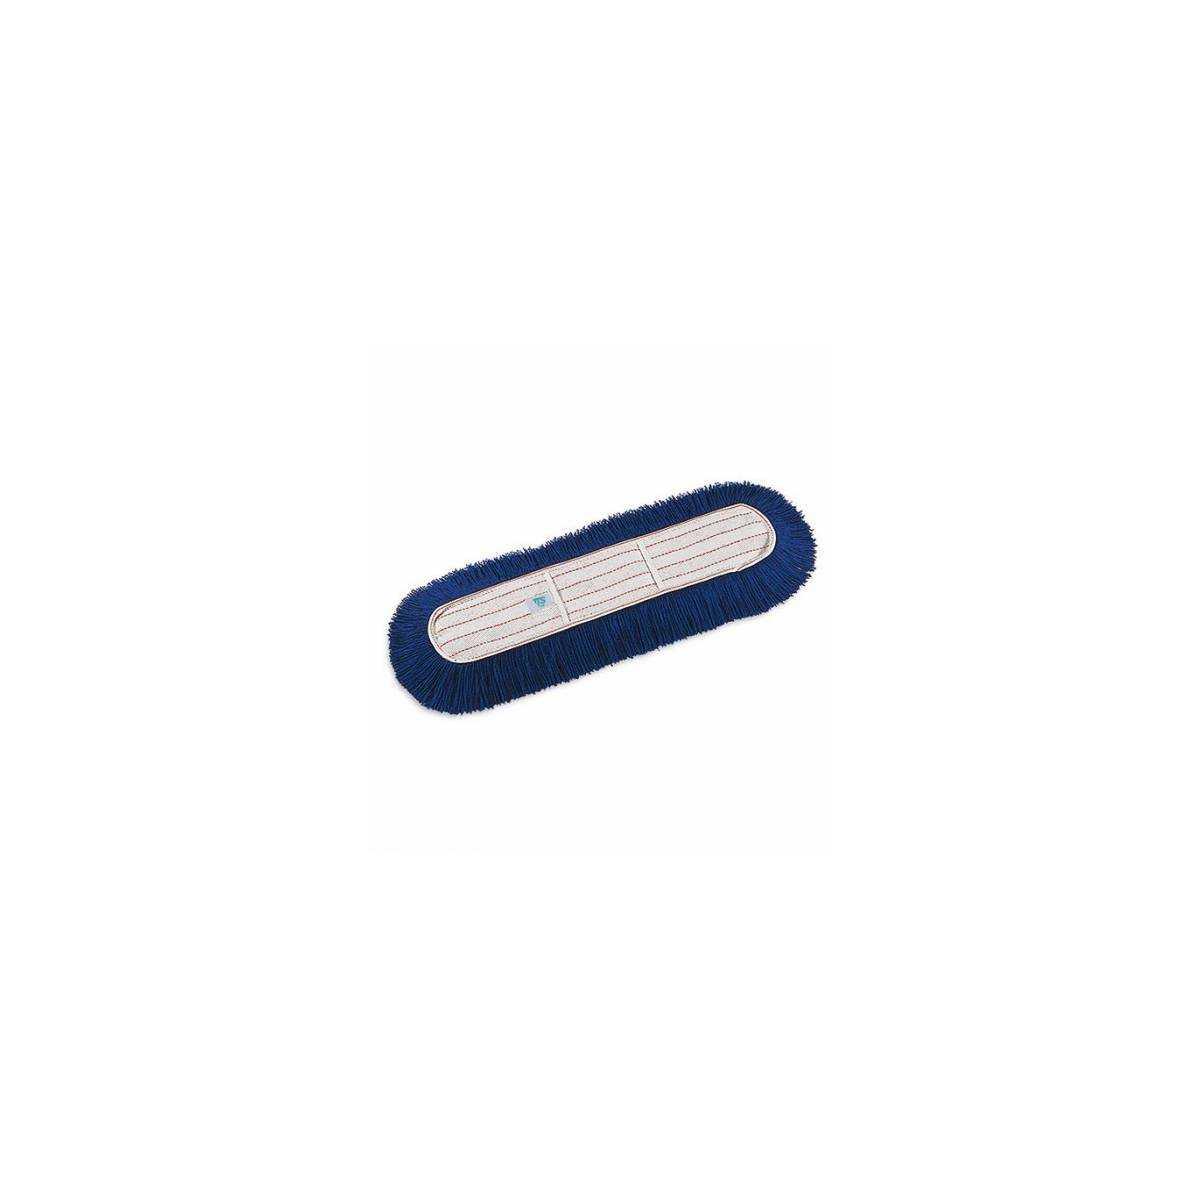 Моп (запаска) для сухой уборки акрил 60см Middle Acrilico 142 TTS